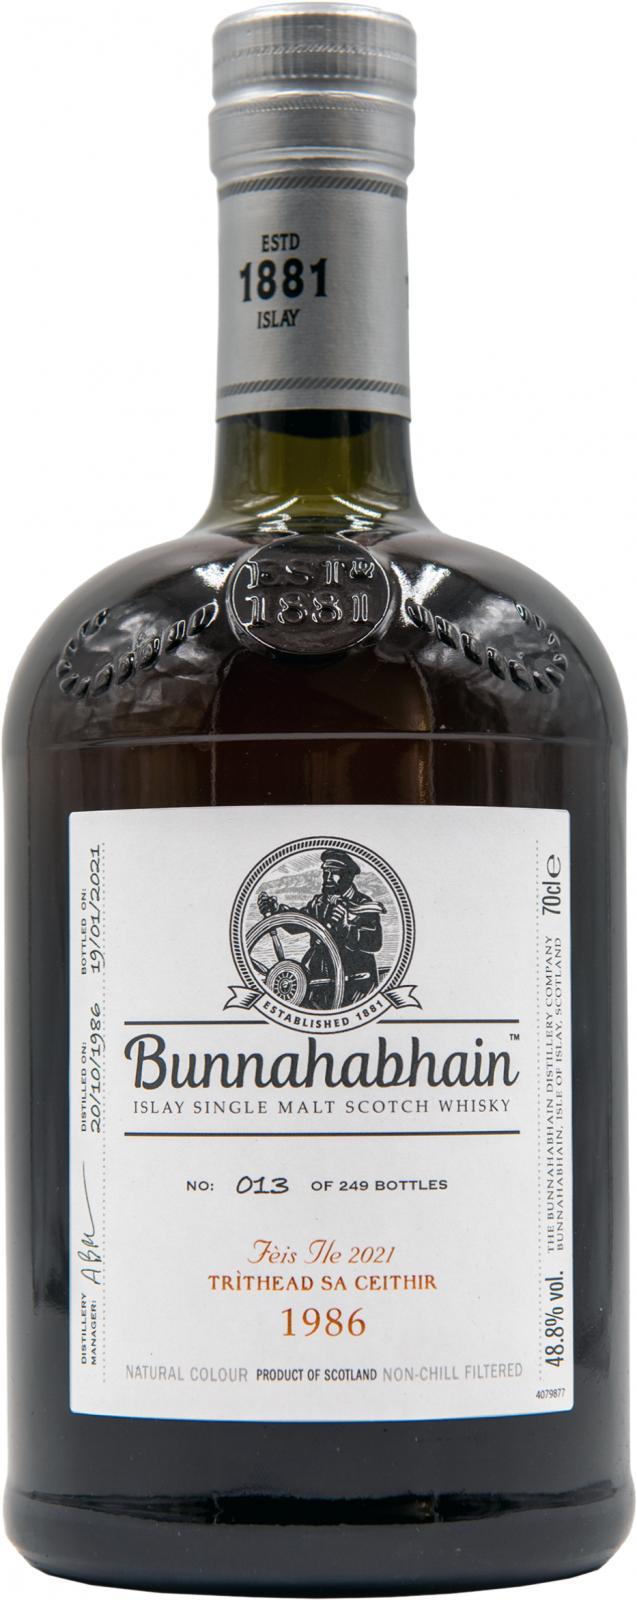 Bunnahabhain 1986 Tritheads'a Ceithir